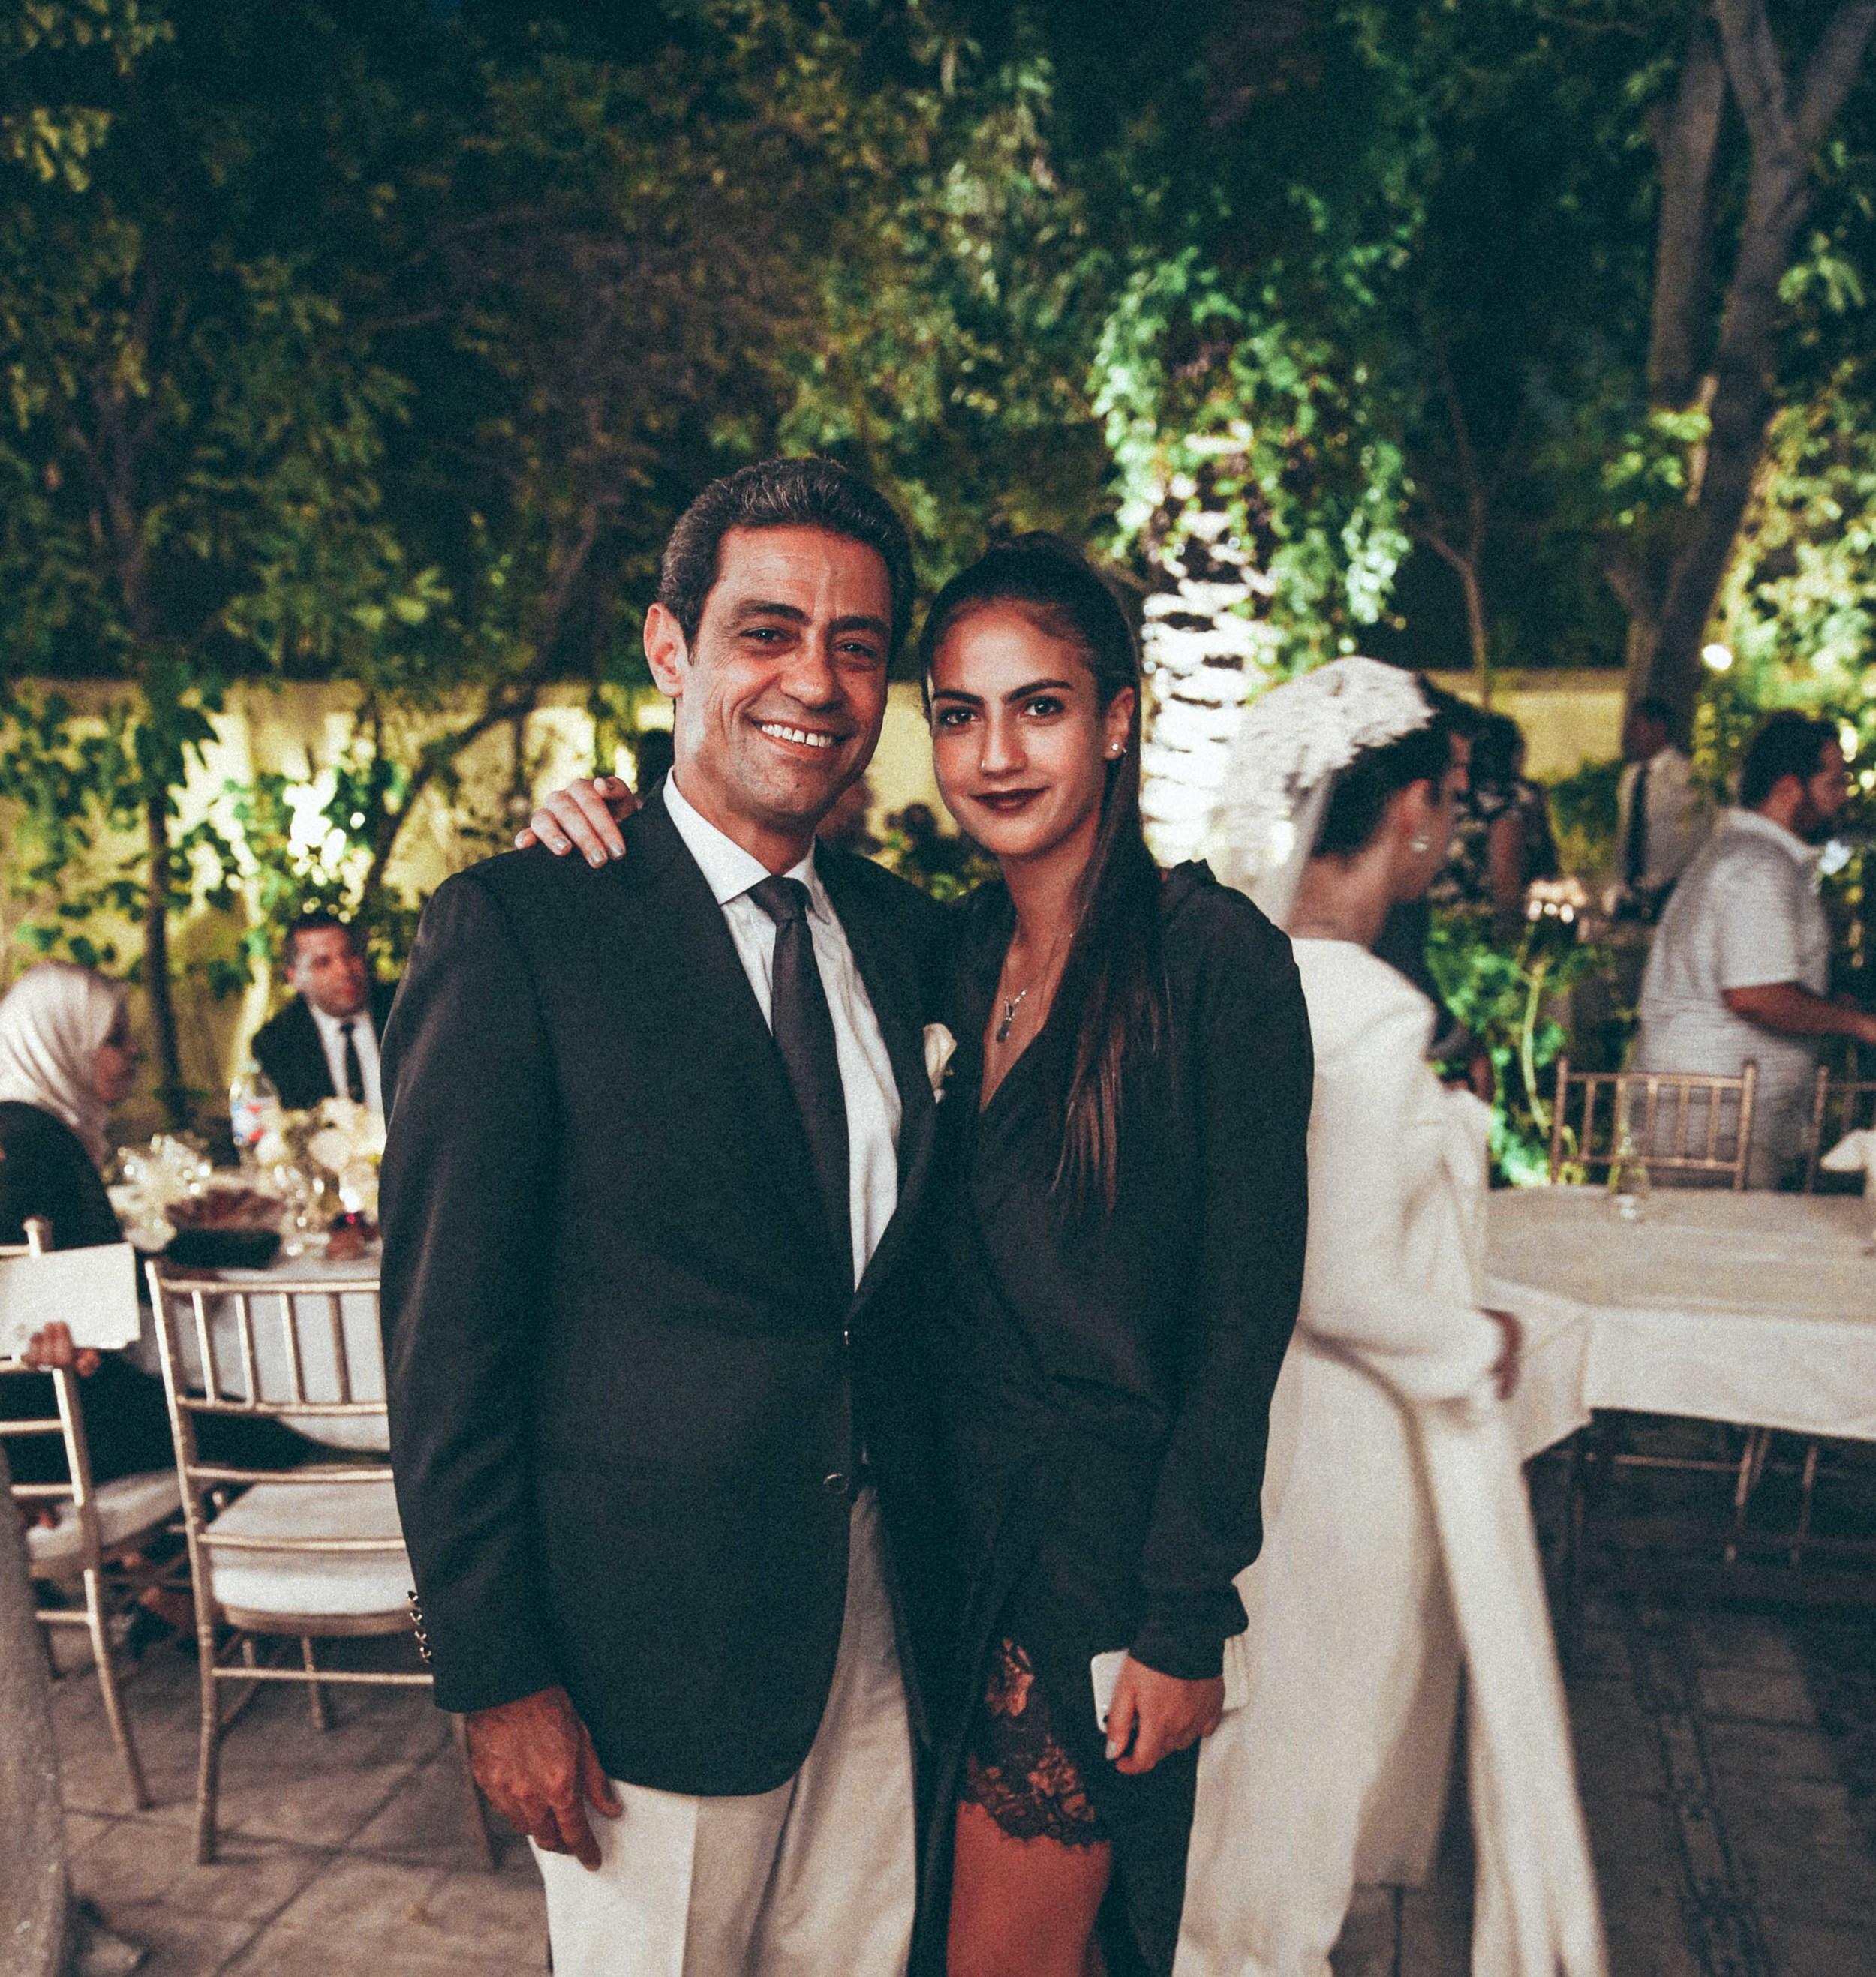 wedding-3284.jpg